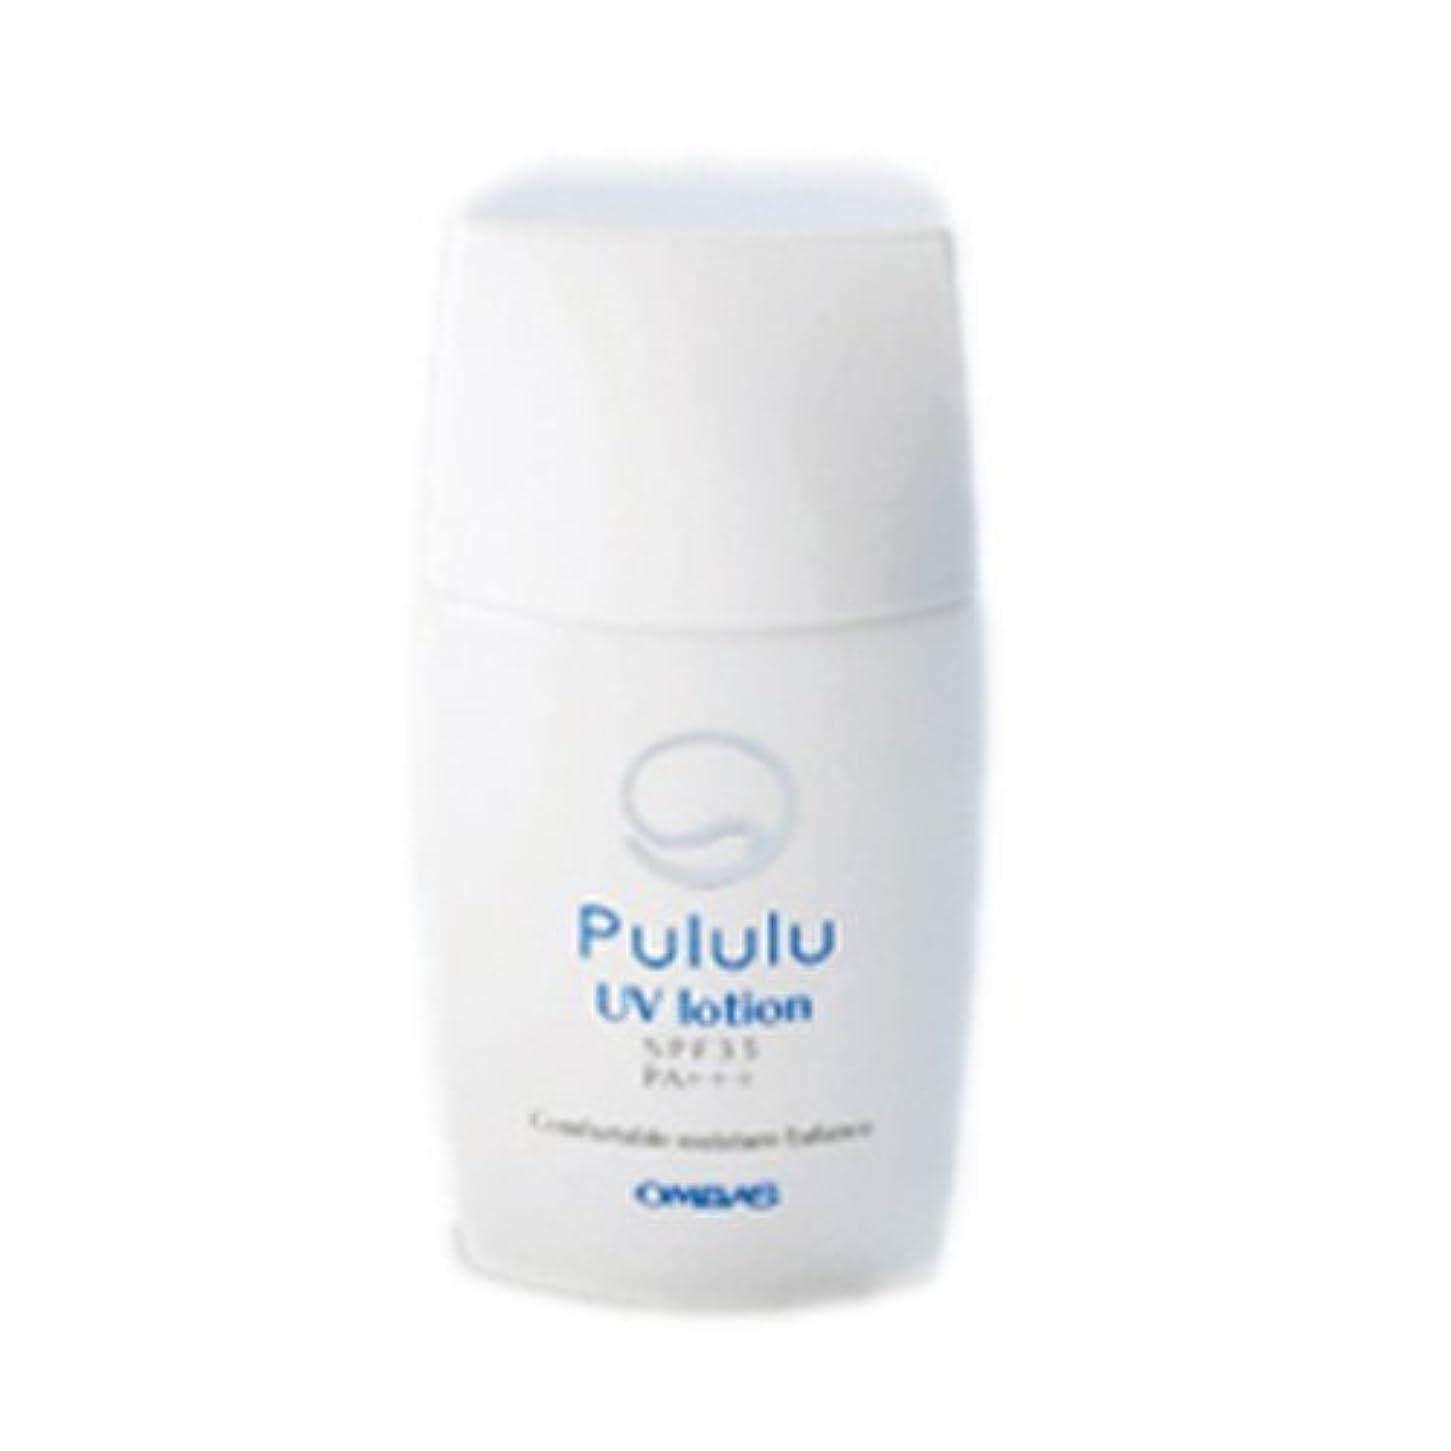 レディ海外胸Pululu シリーズ Pululu UVローション